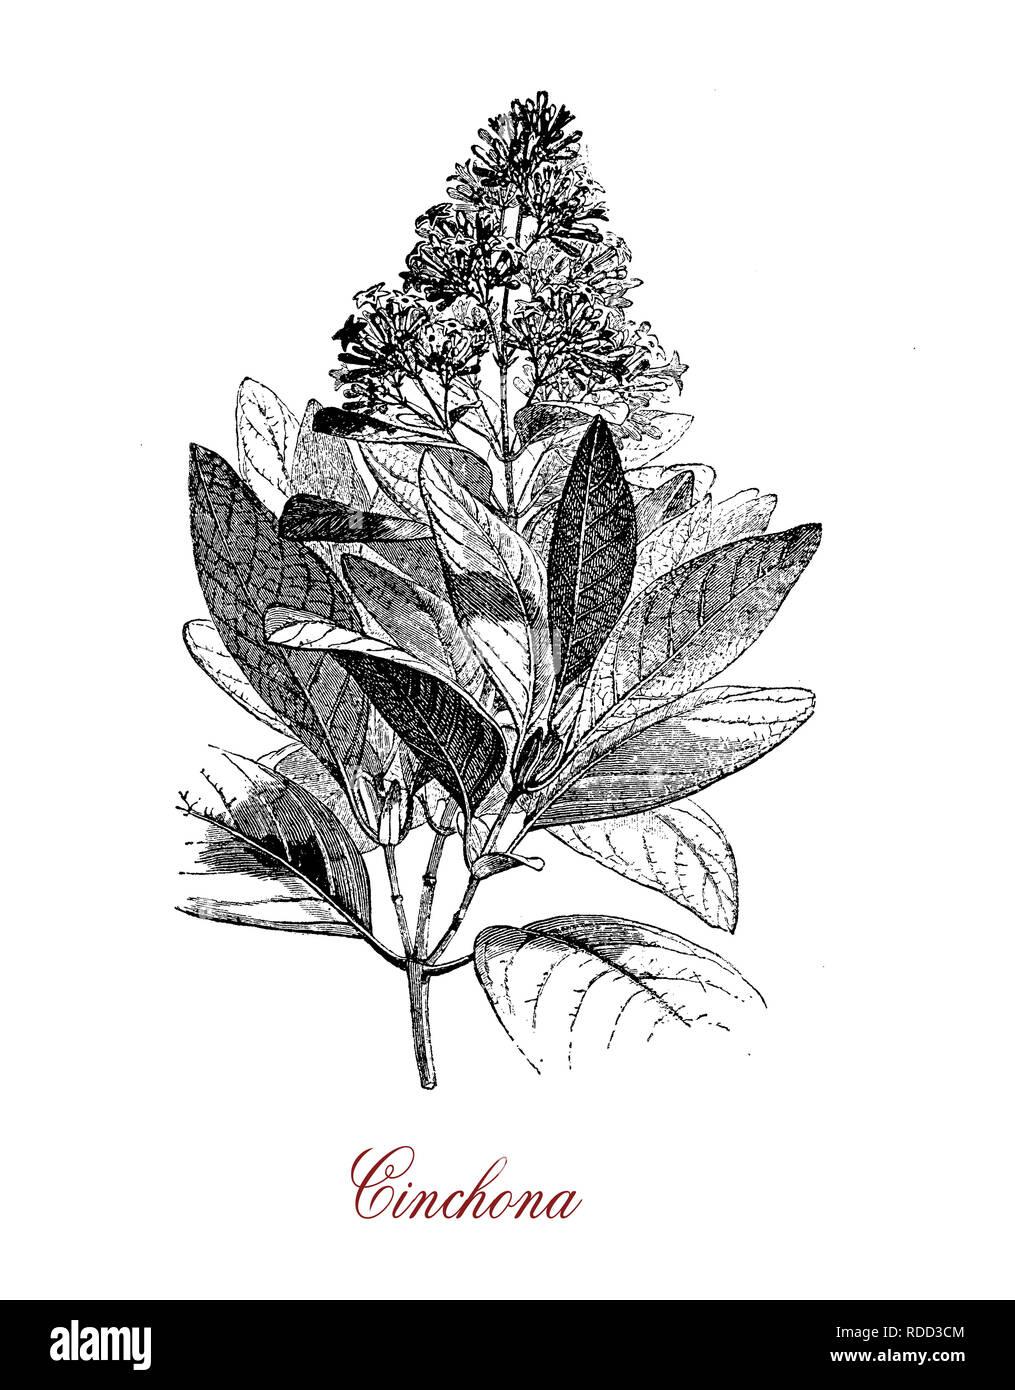 Vintage incisione botanico di chincona, medicinali di origine vegetale per la chinina, native della foresta Andina. China ha opposte foglie lanceolate, piccoli fiori in pannocchie e il frutto è una capsula con semi Immagini Stock